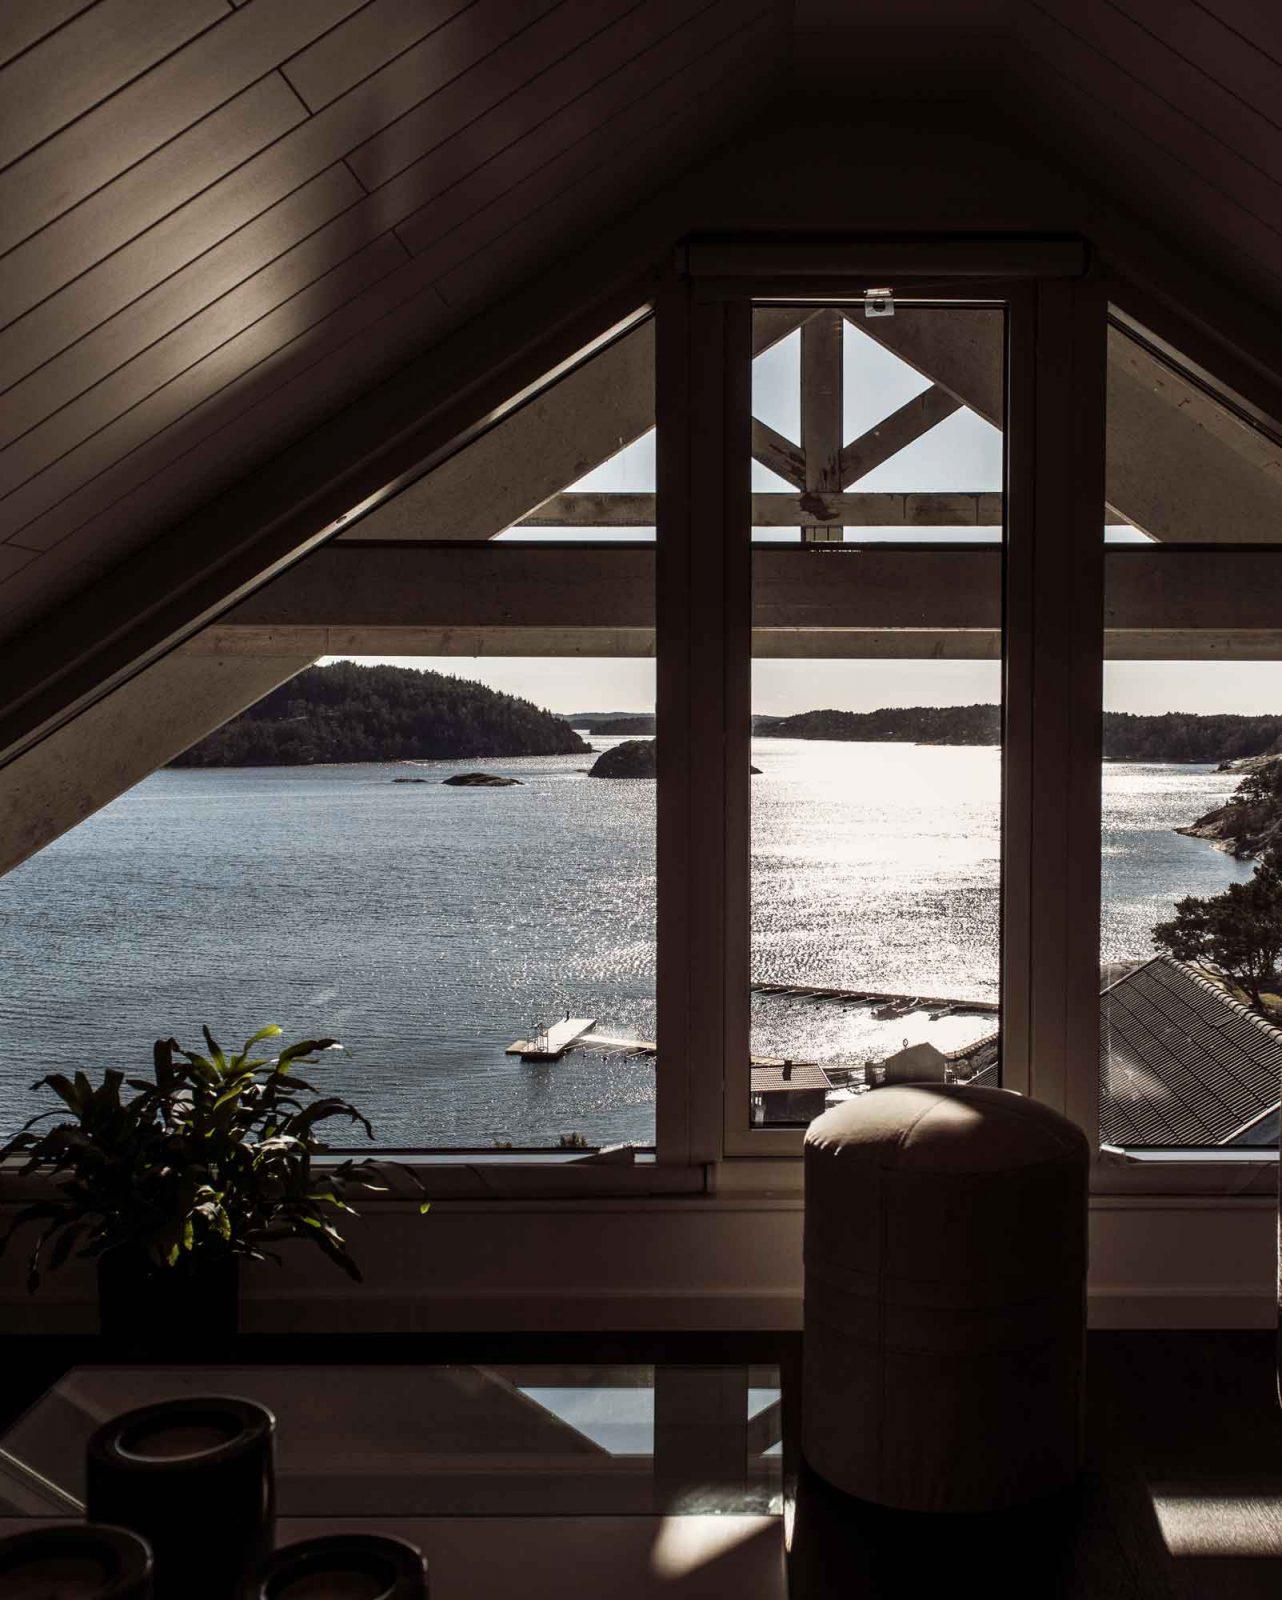 Lägenhet med havsutsikt över Koljöfjorden på Bokenäset Hotell & Konferens i Bohuslän